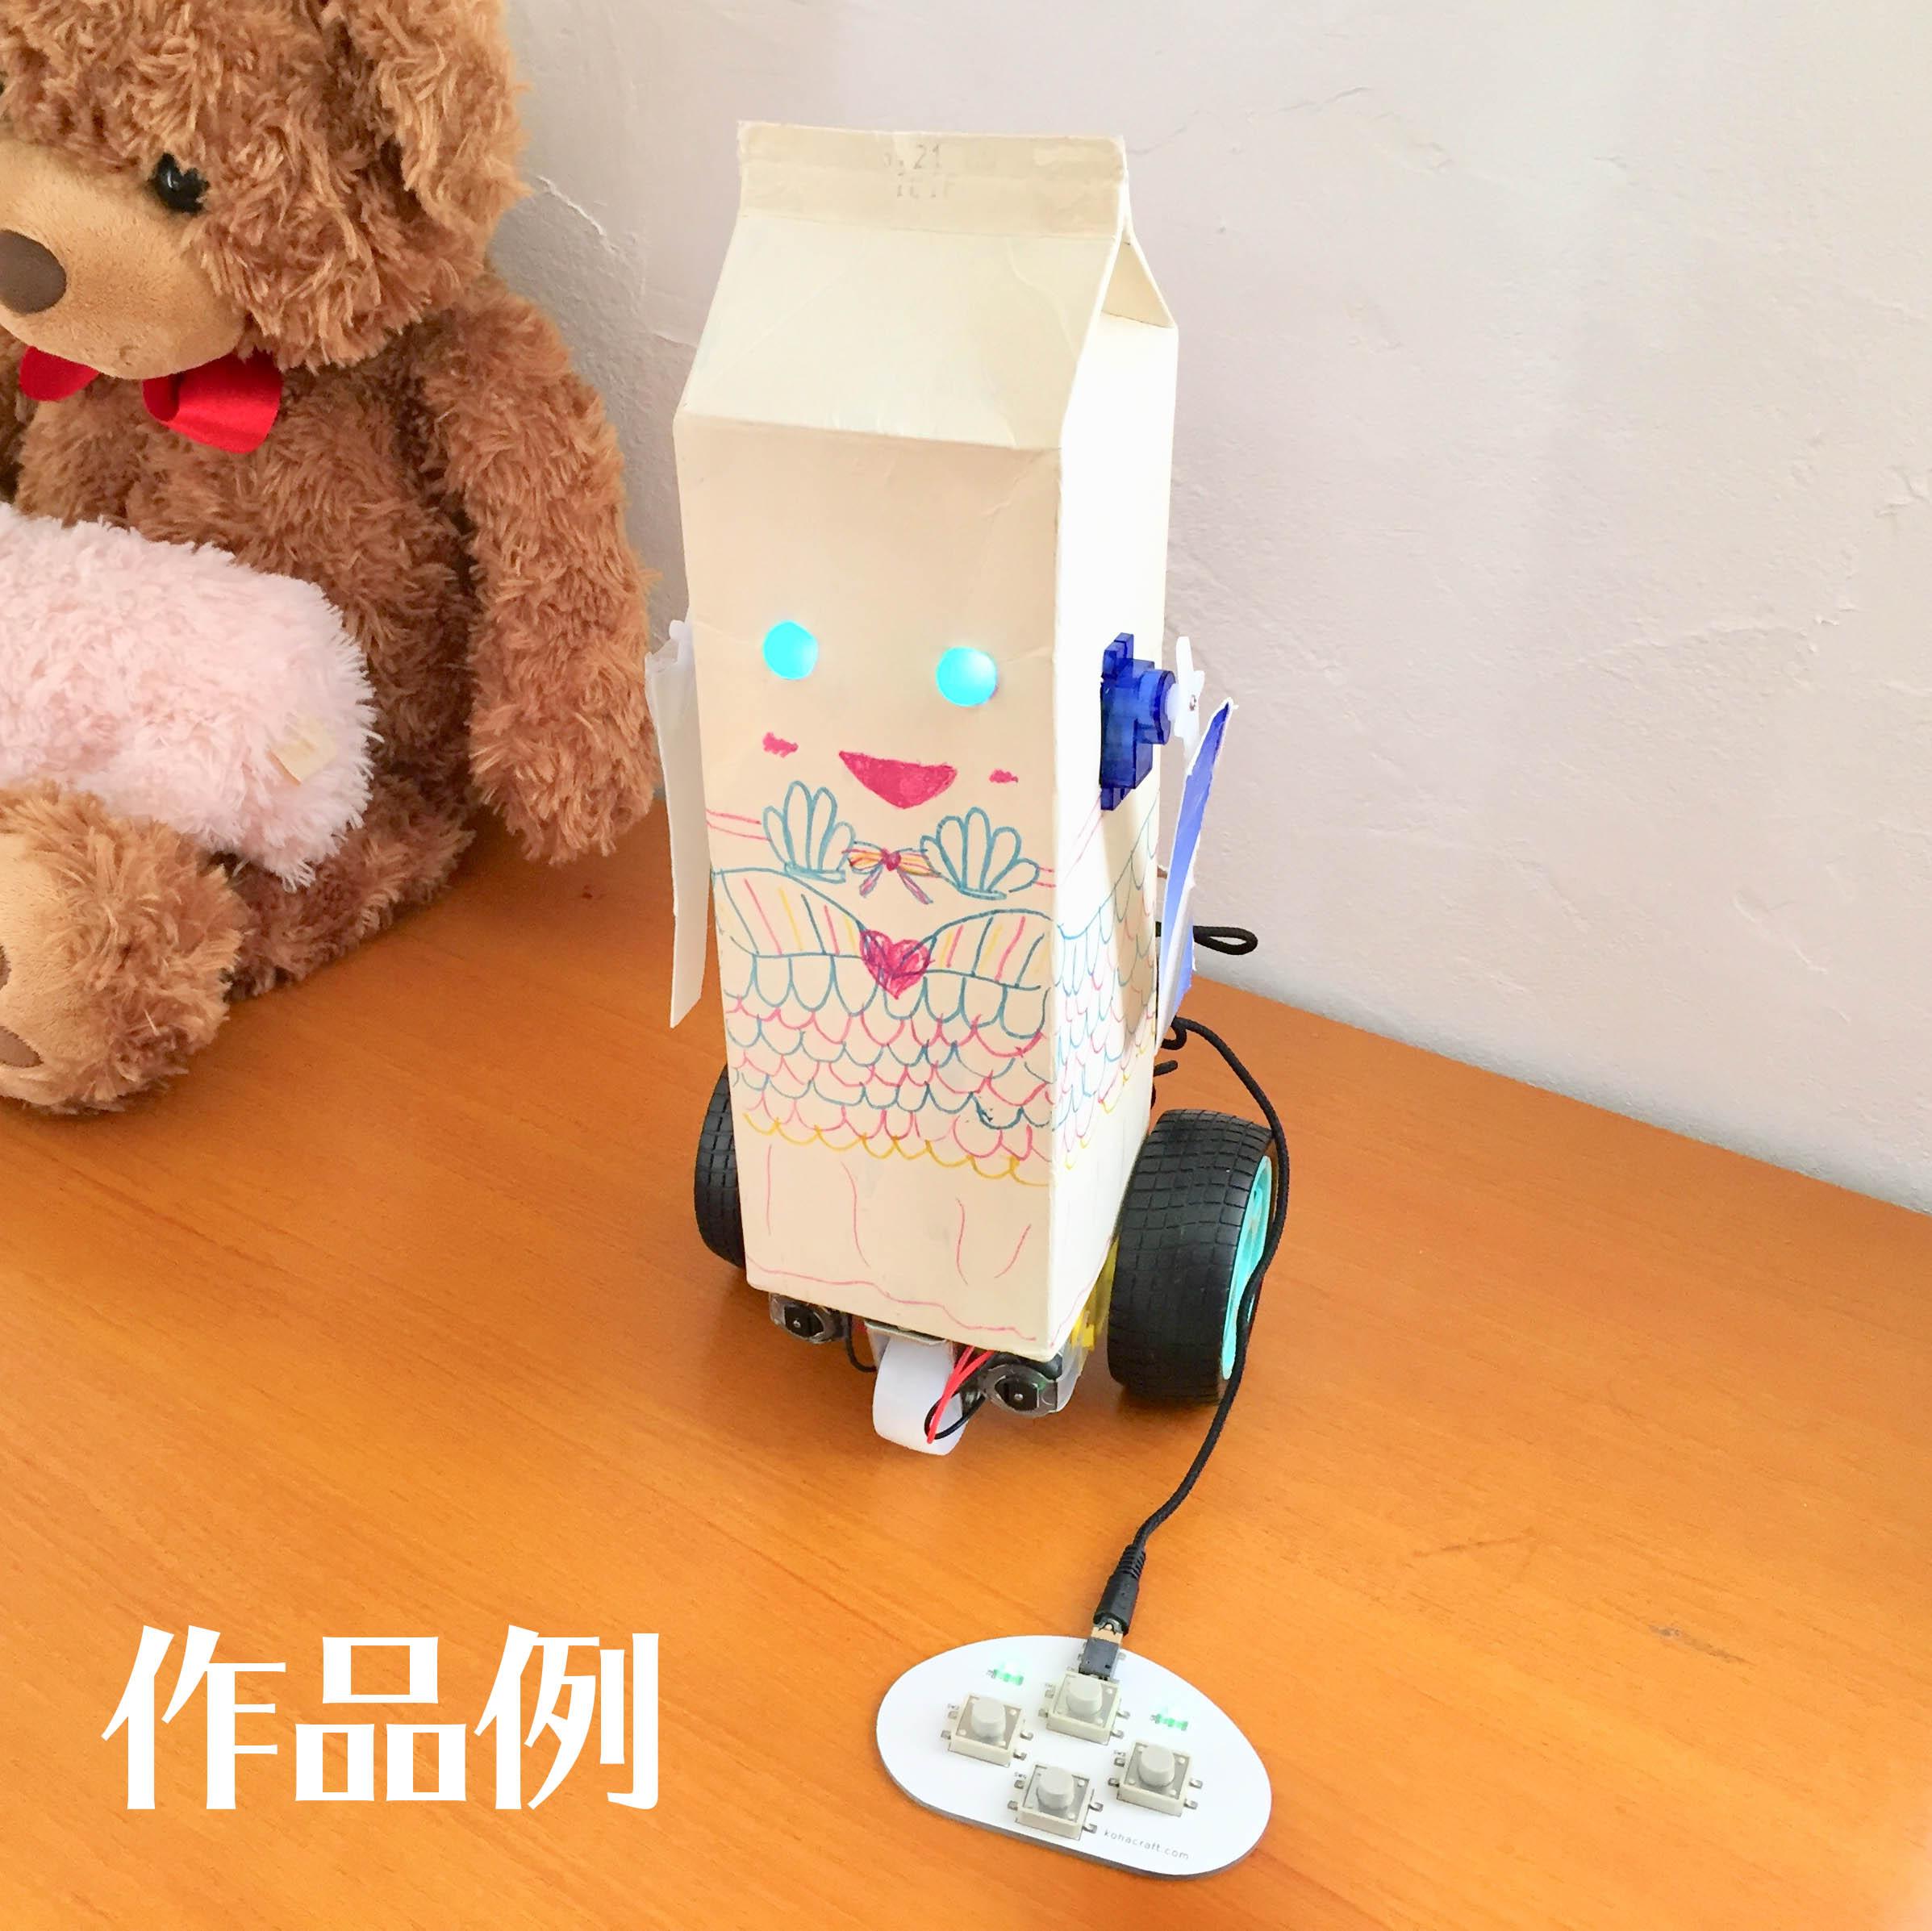 牛乳パック マイコンロボットキット画像